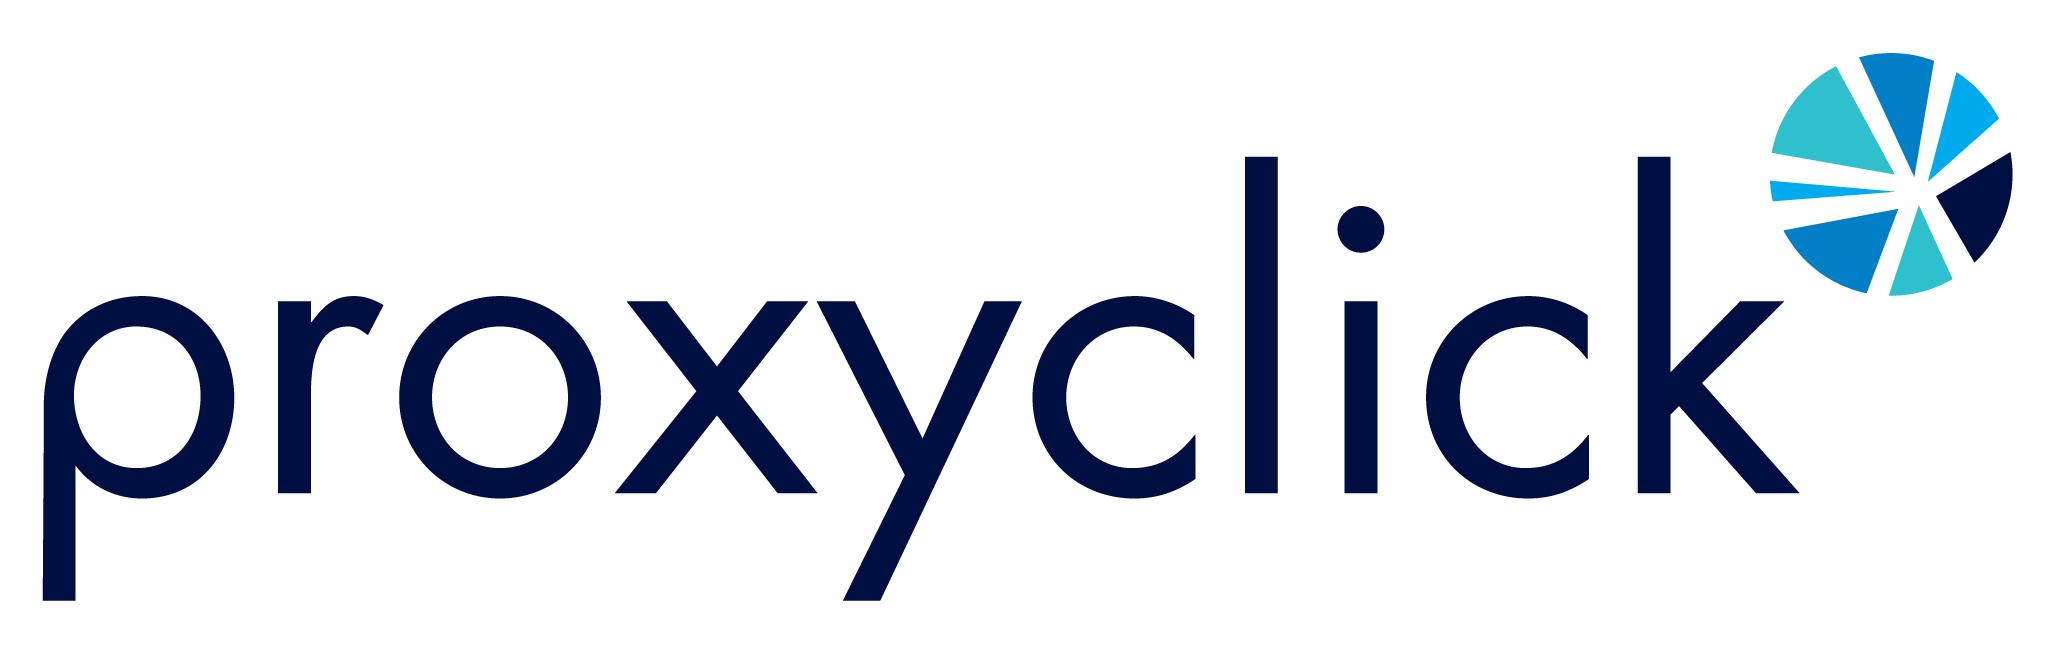 Partenaire Proxyclick